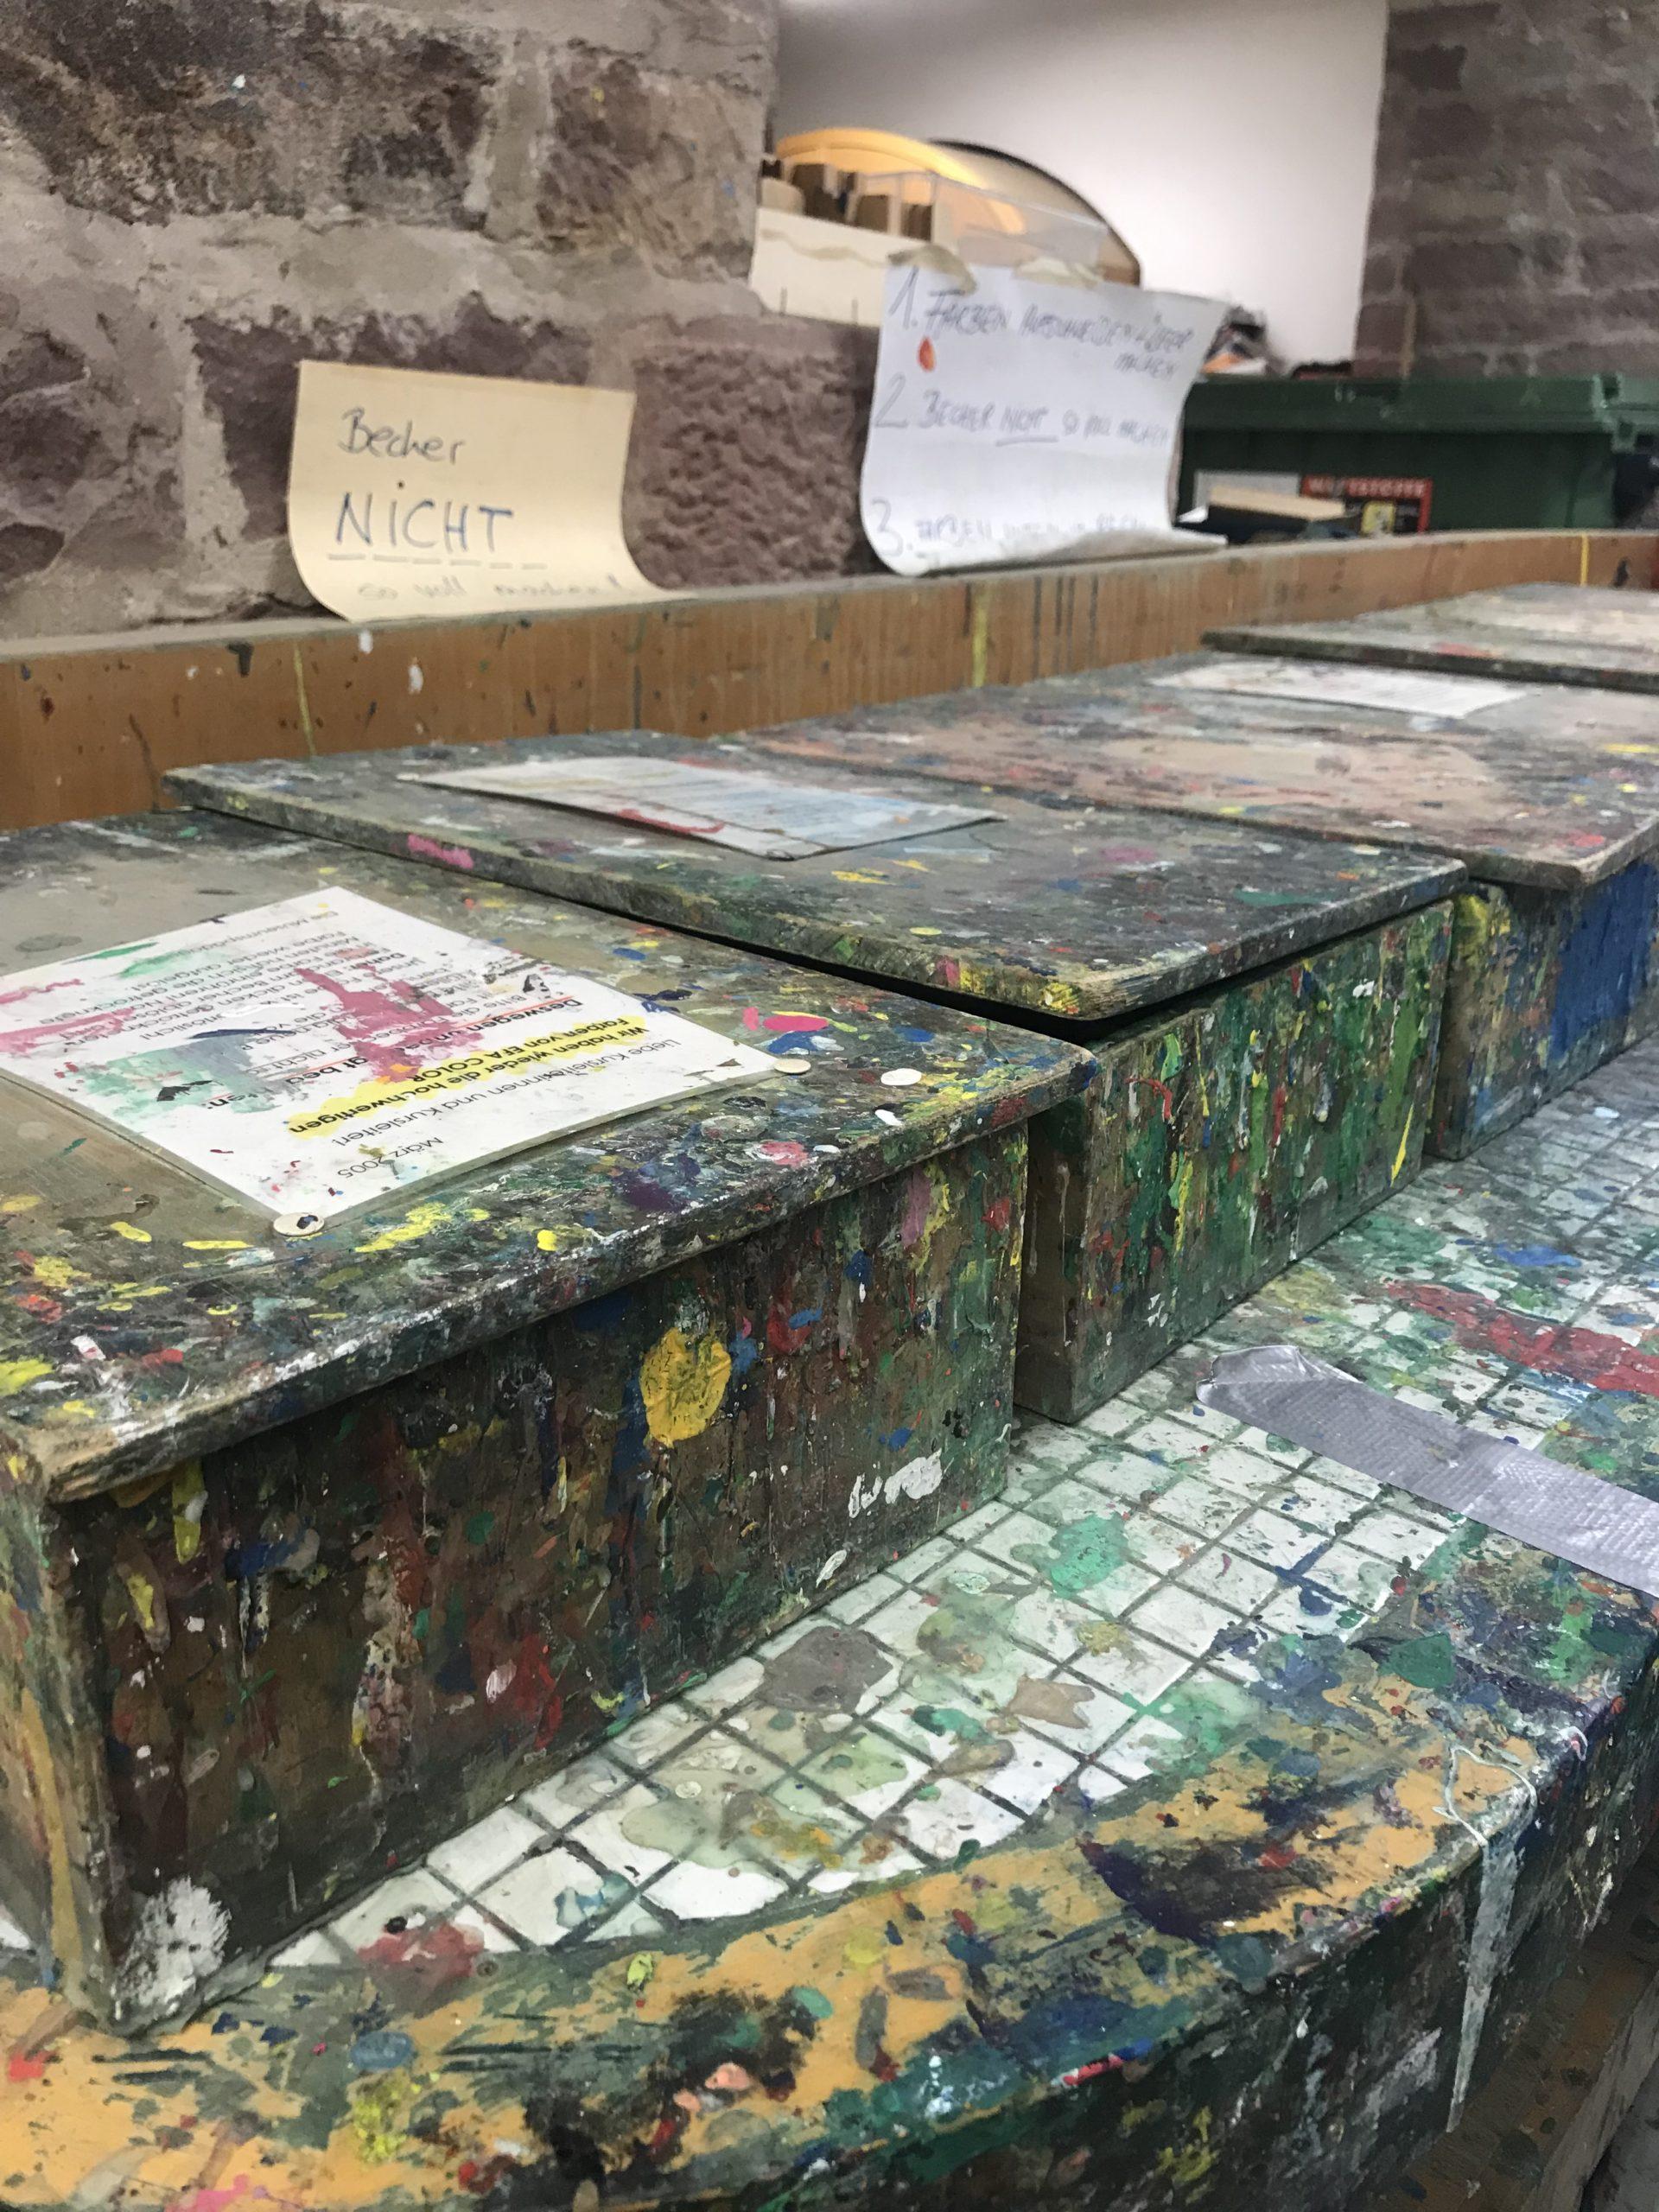 Viele Kisten im Kunstaltier, alle völlig mit Farbe bekleckert